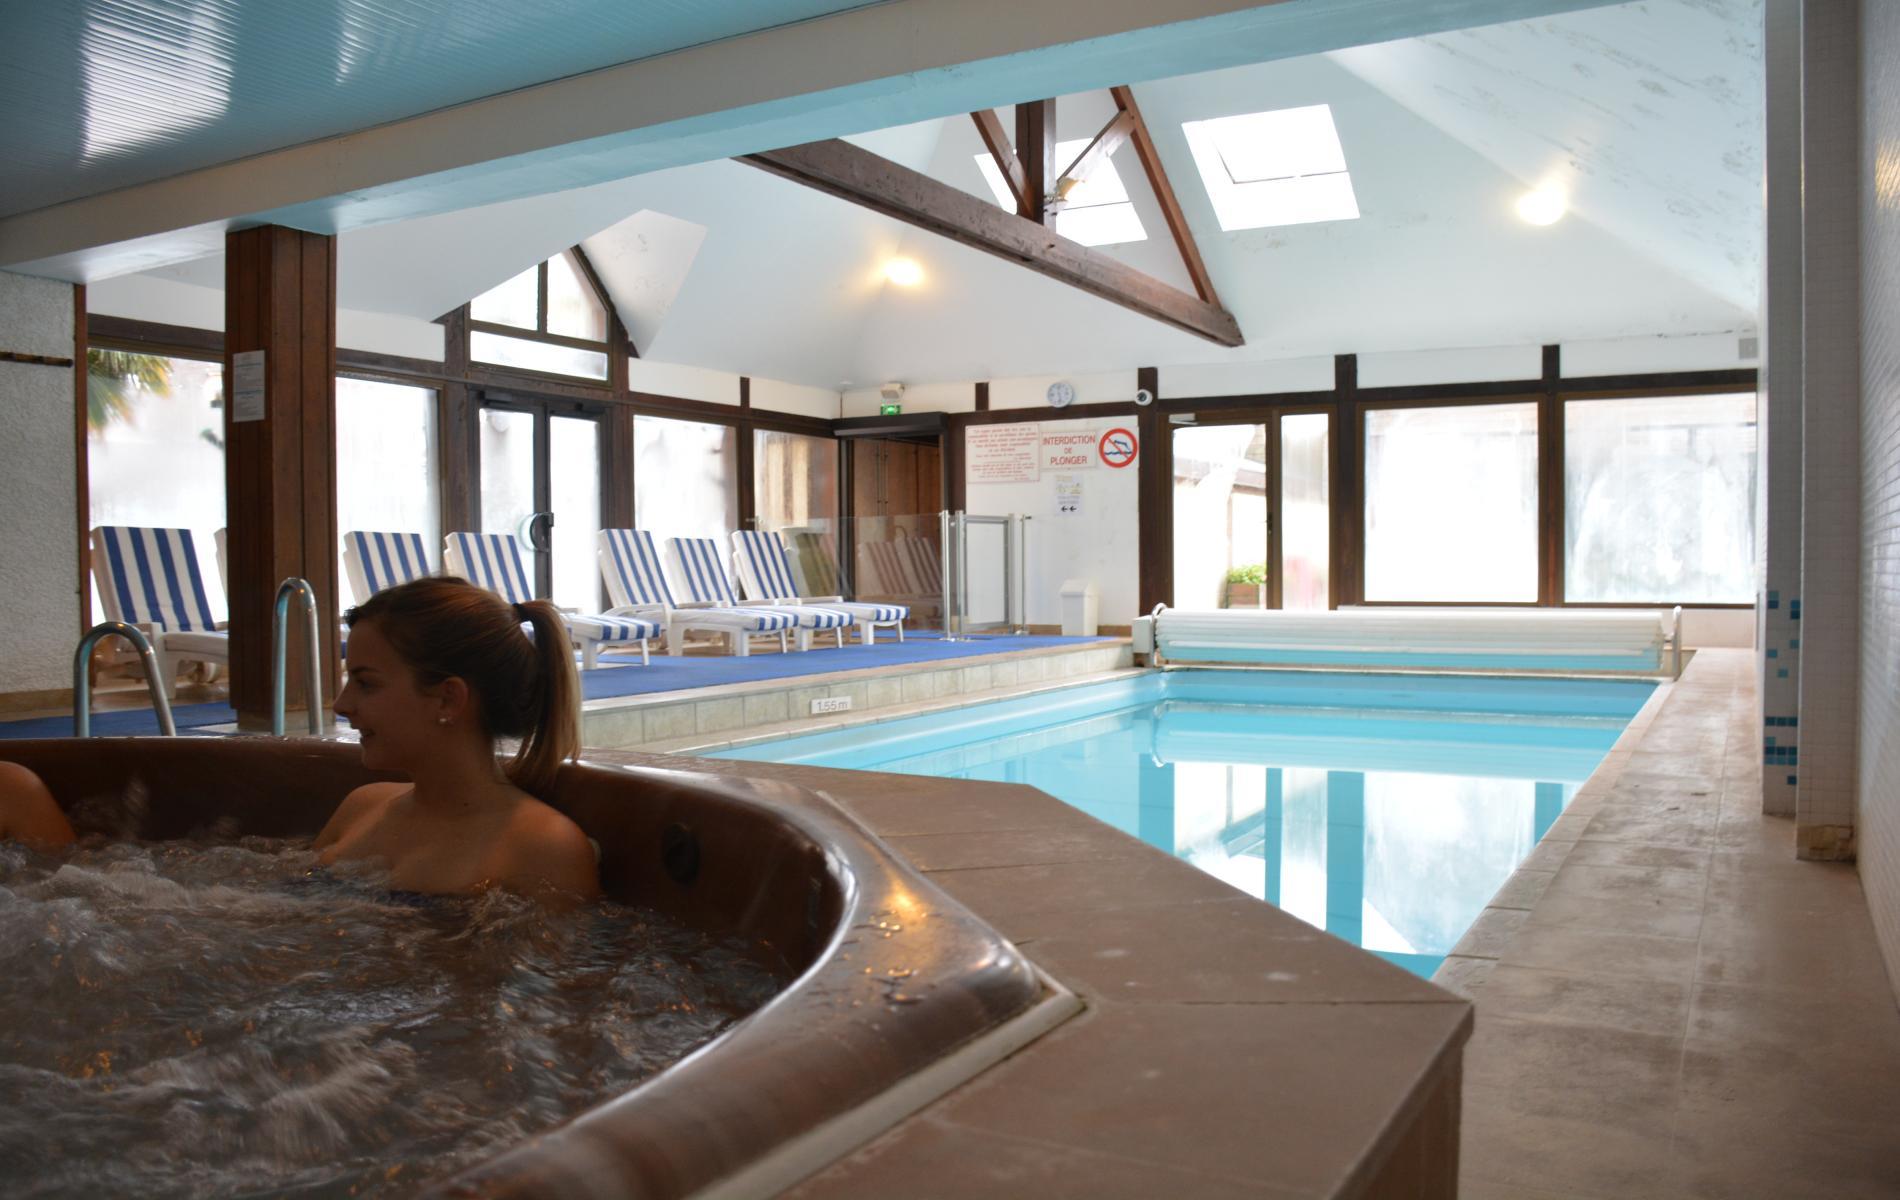 Hotel Restaurant Le Clos BesseetSaintAnastaise France